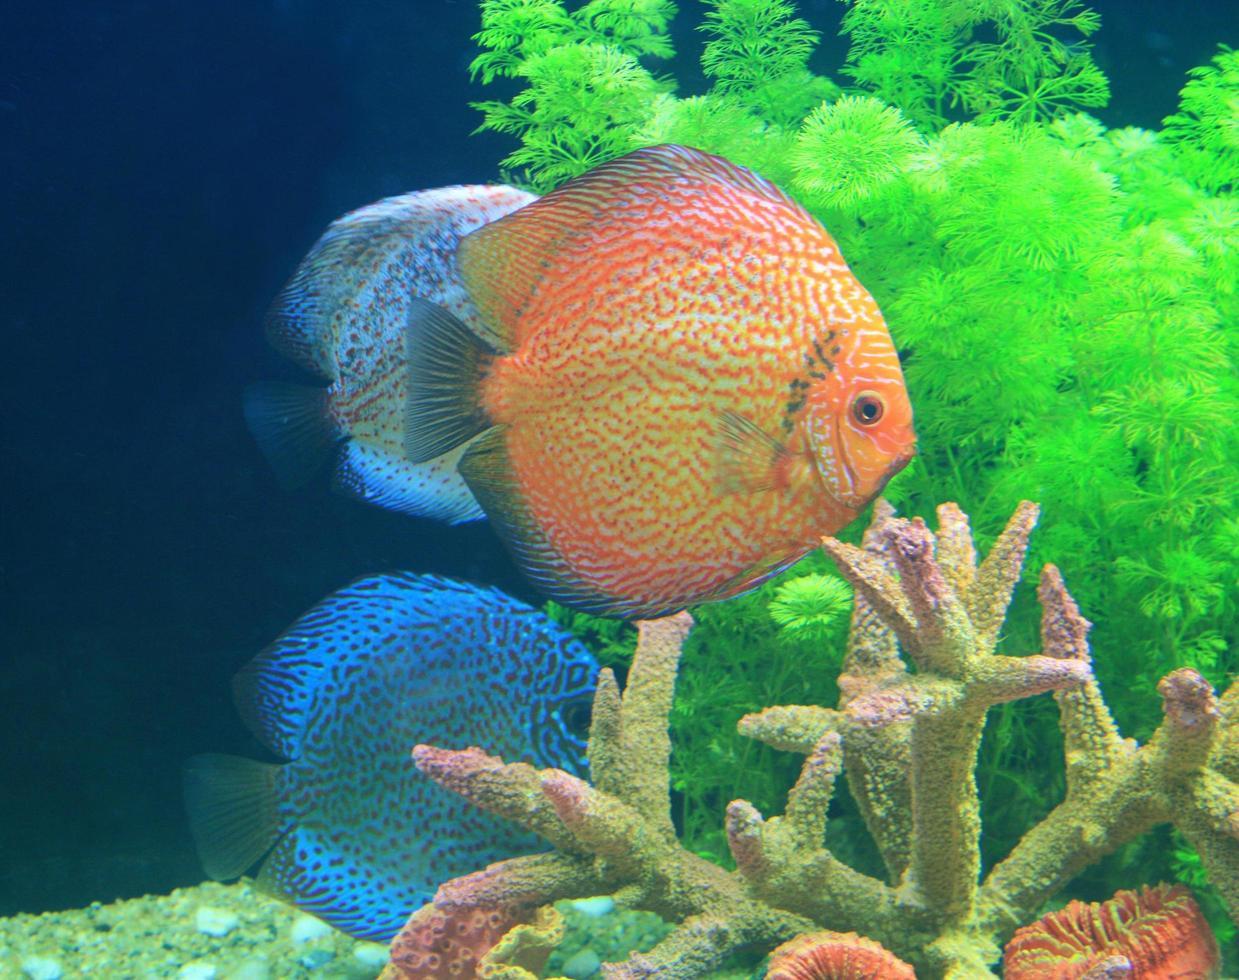 Discus fish in an aquarium photo